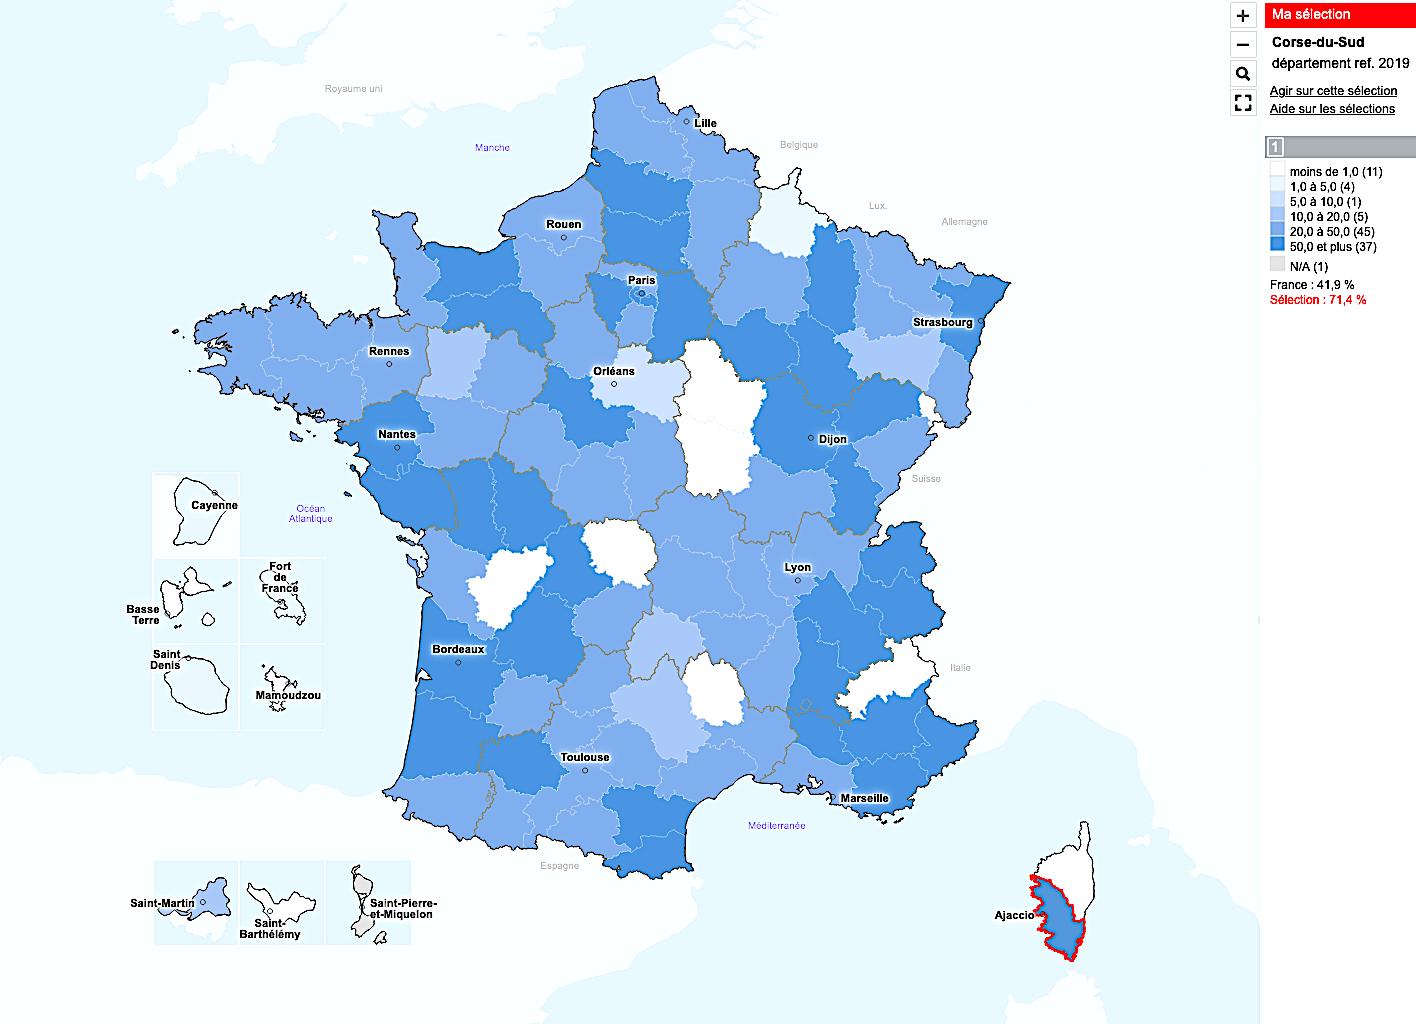 71,4% en Corse-du-Sud selon Santé Publique France